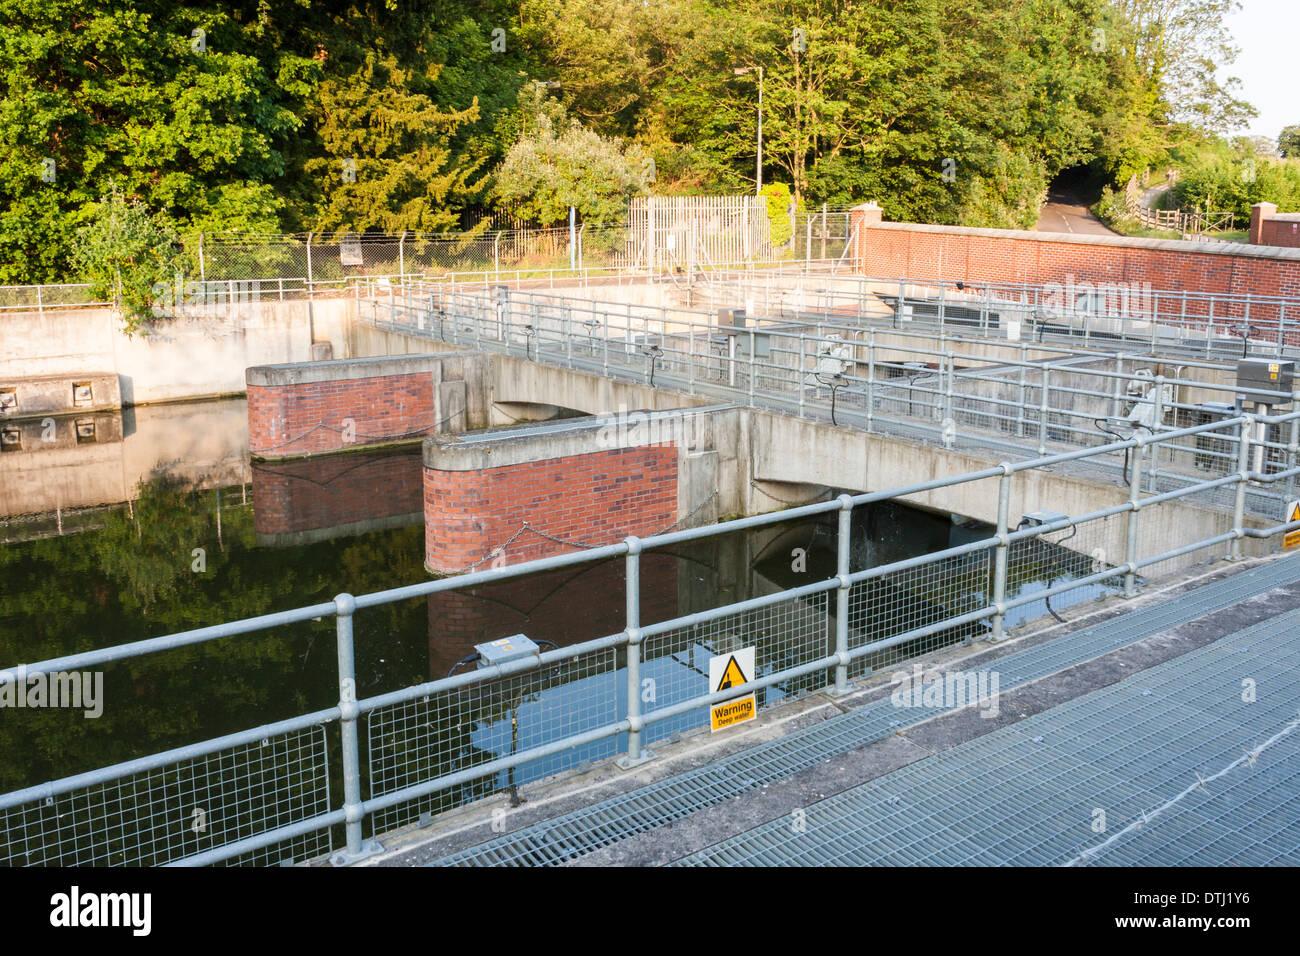 Rivière du Jubilé: un schéma de prévention des inondations. Gerrards Cross, Buckinghamshire, England, GB, au Royaume-Uni. Photo Stock